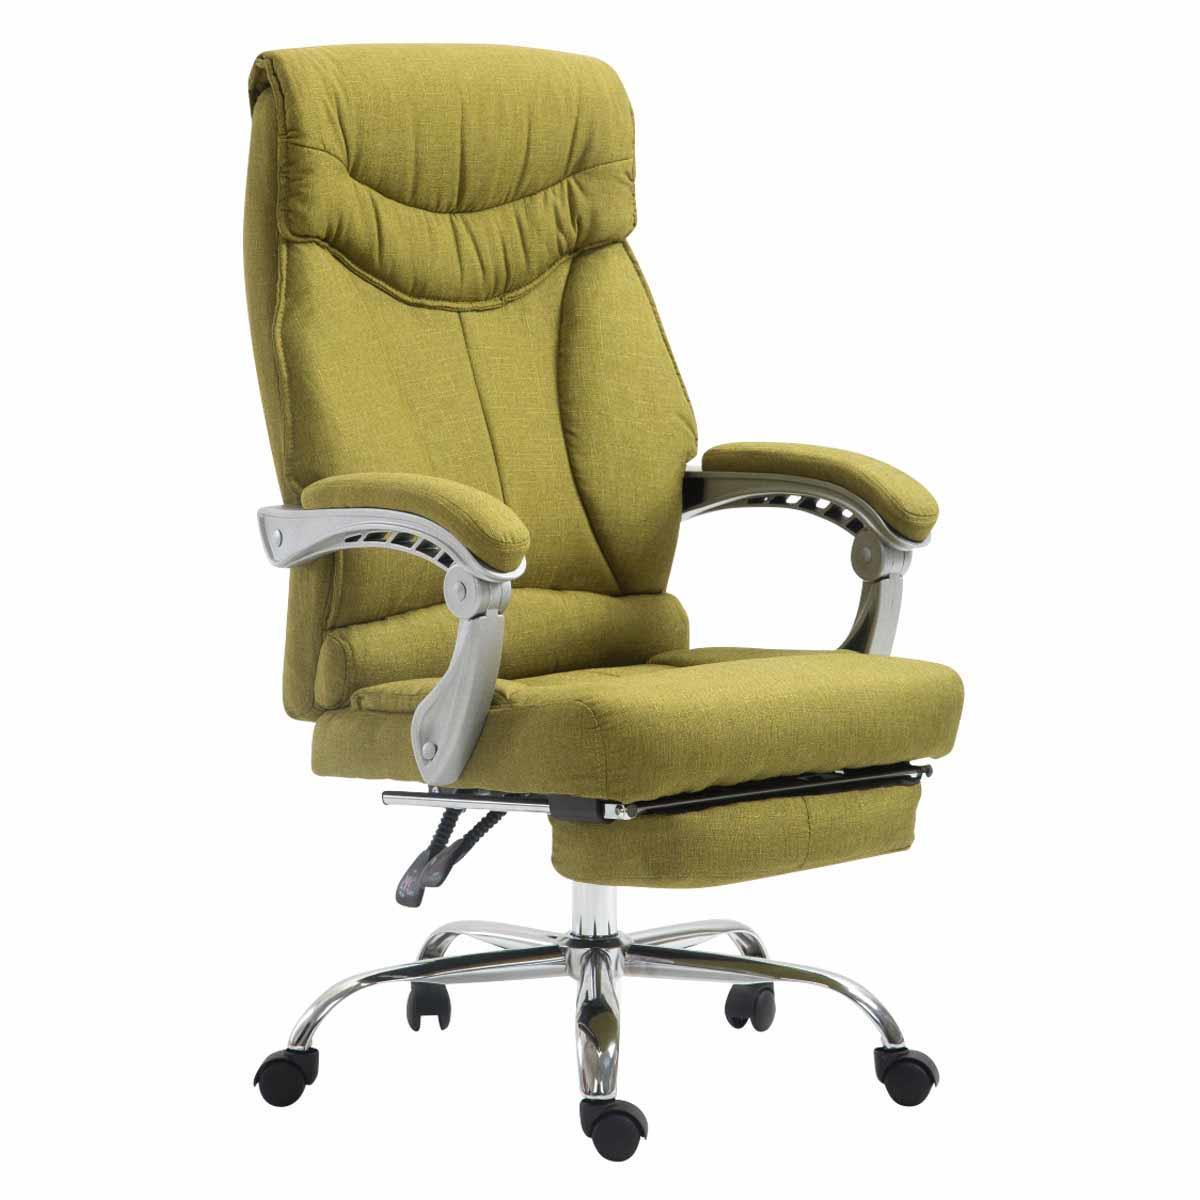 Poltrona ufficio oregon tessuto design e comfort - Poggiapiedi ufficio ...